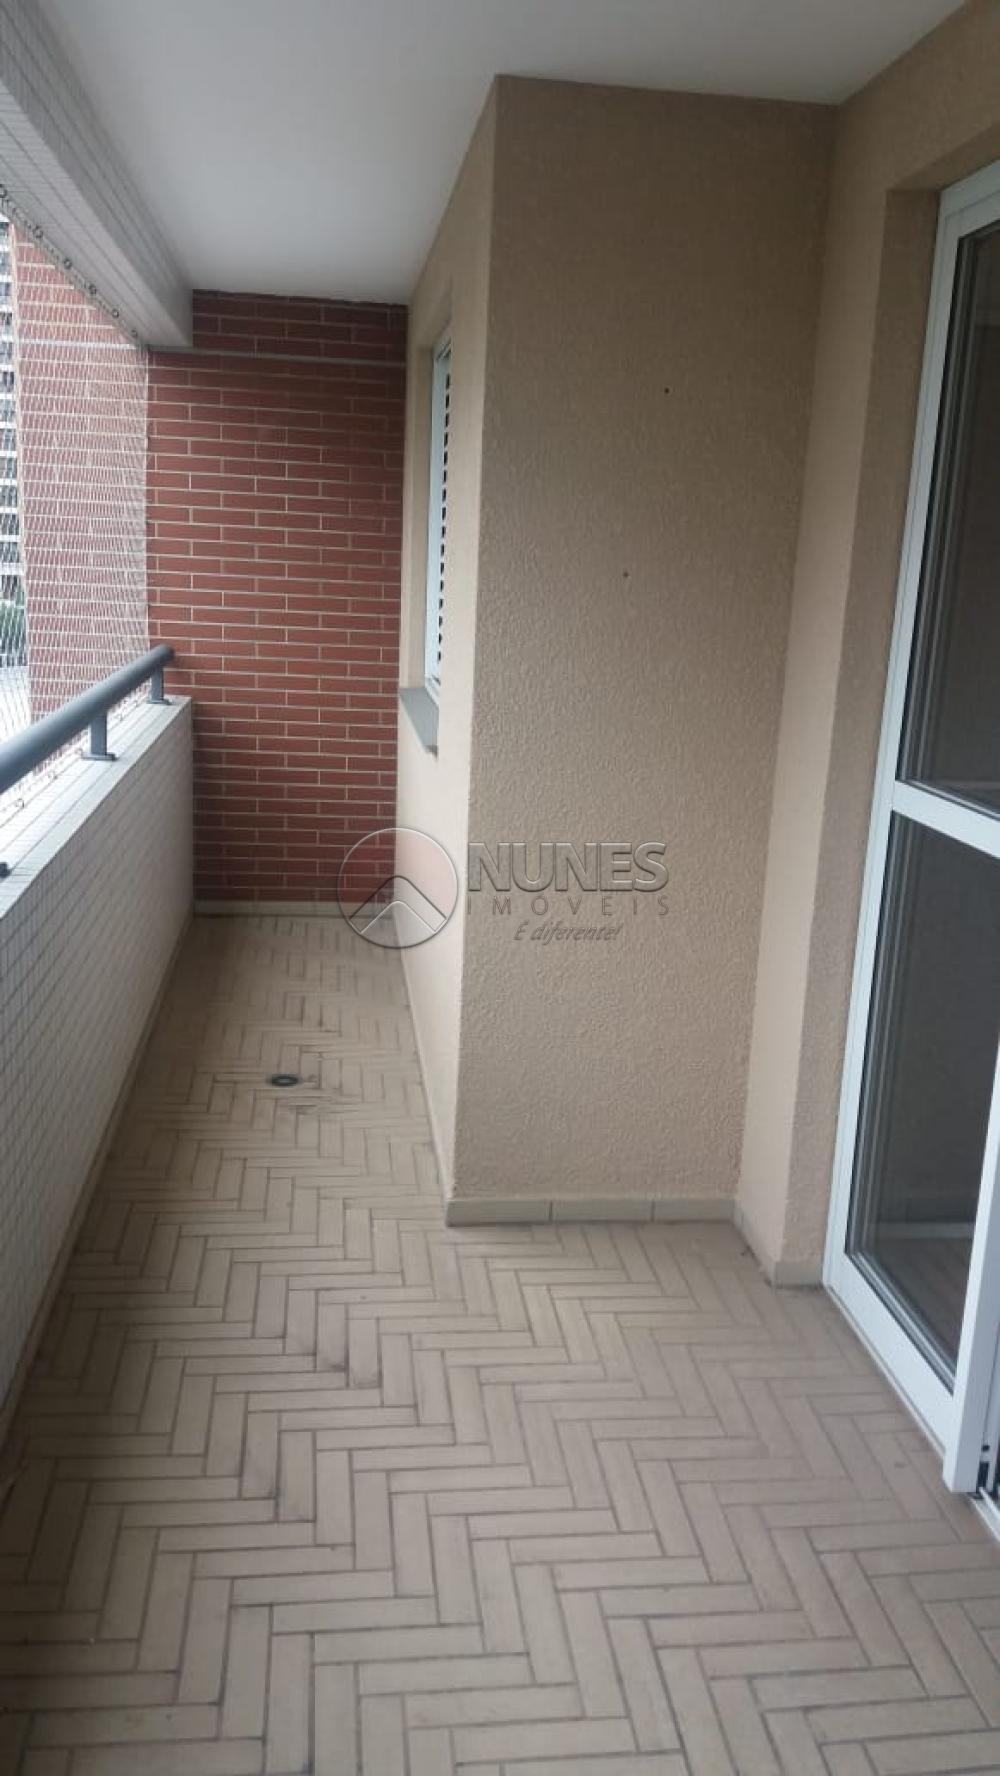 Comprar Apartamento / Padrão em São Paulo apenas R$ 640.000,00 - Foto 5